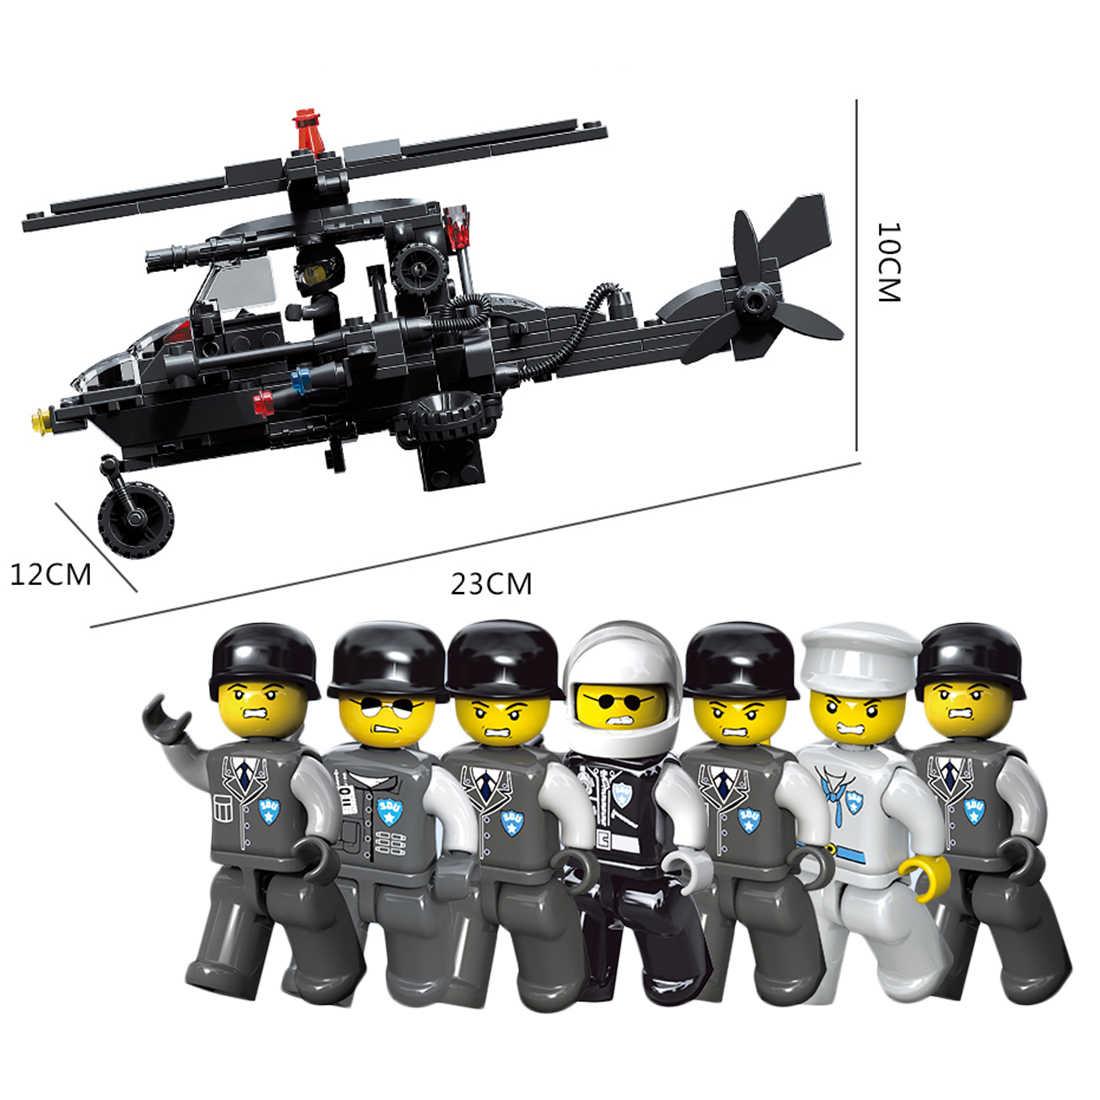 Новое поступление Прочная маленькая частица DIY Головоломка в сборе специальный полицейский SDU кукла строительный блок игрушки для детей игровые наборы